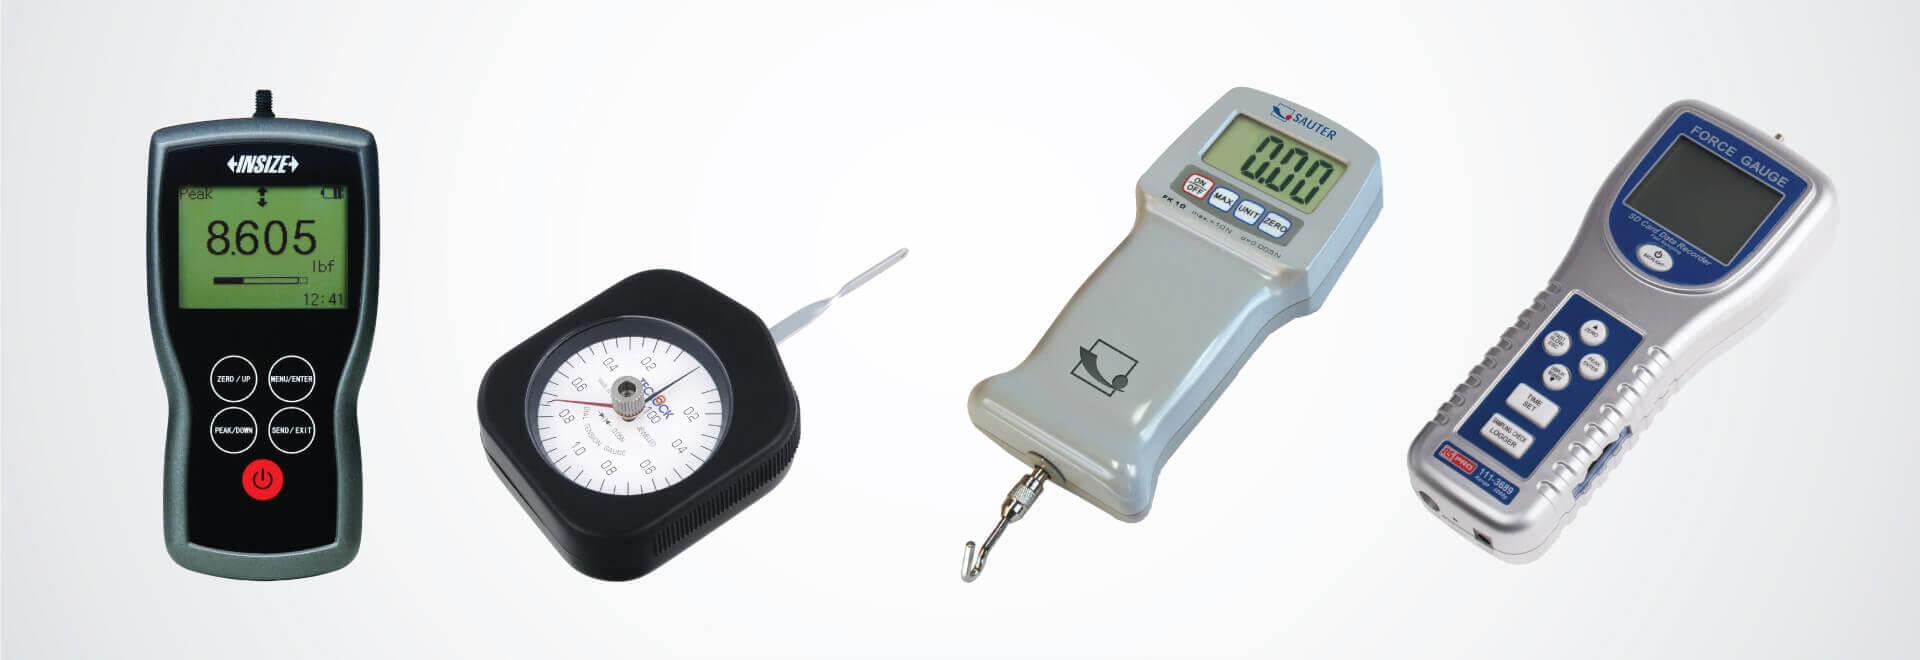 Chọn máy đo lực theo các thương hiệu nổi tiếng